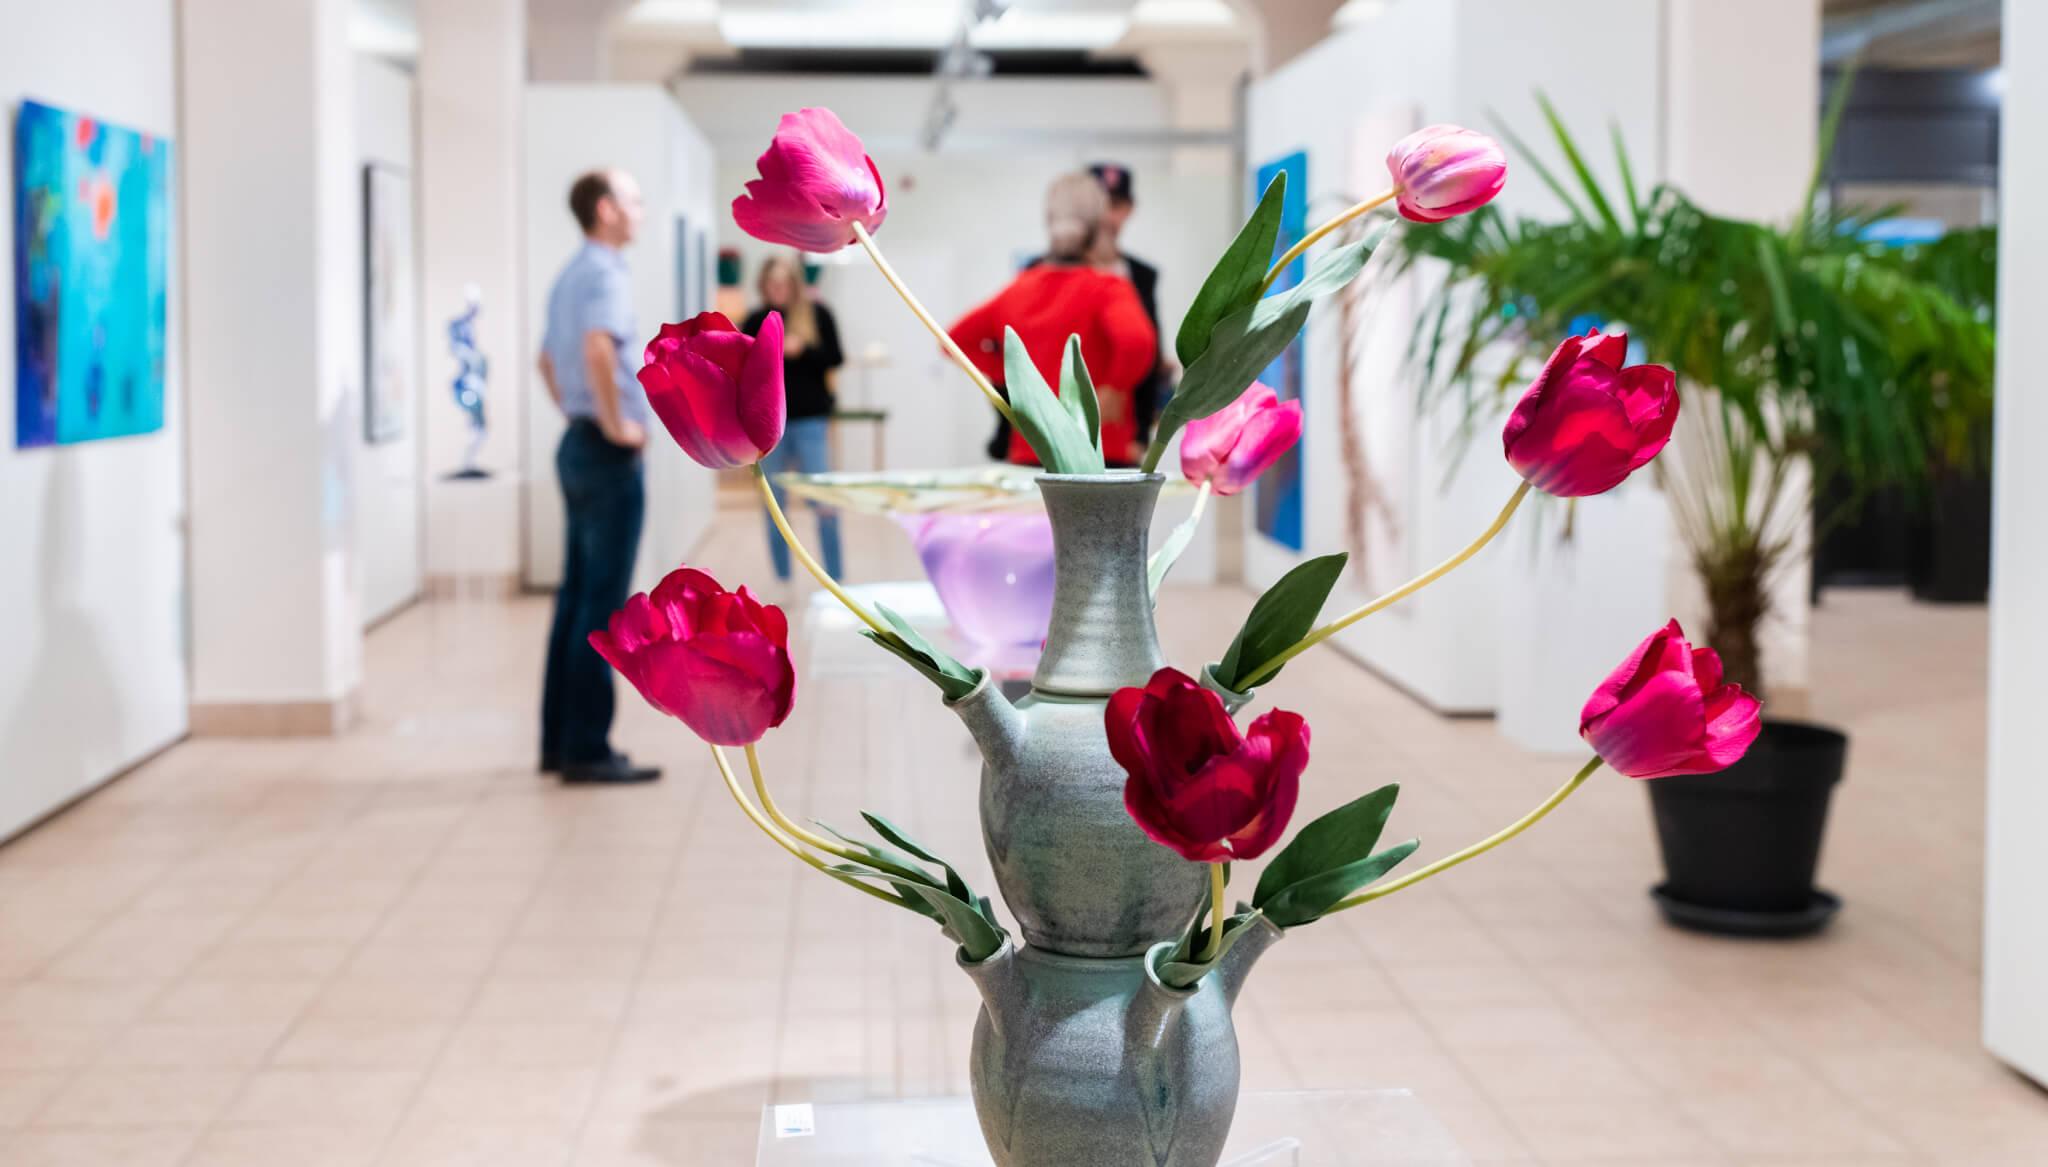 Bloemenmuseum in Aalsmeer: Flower Art Museum